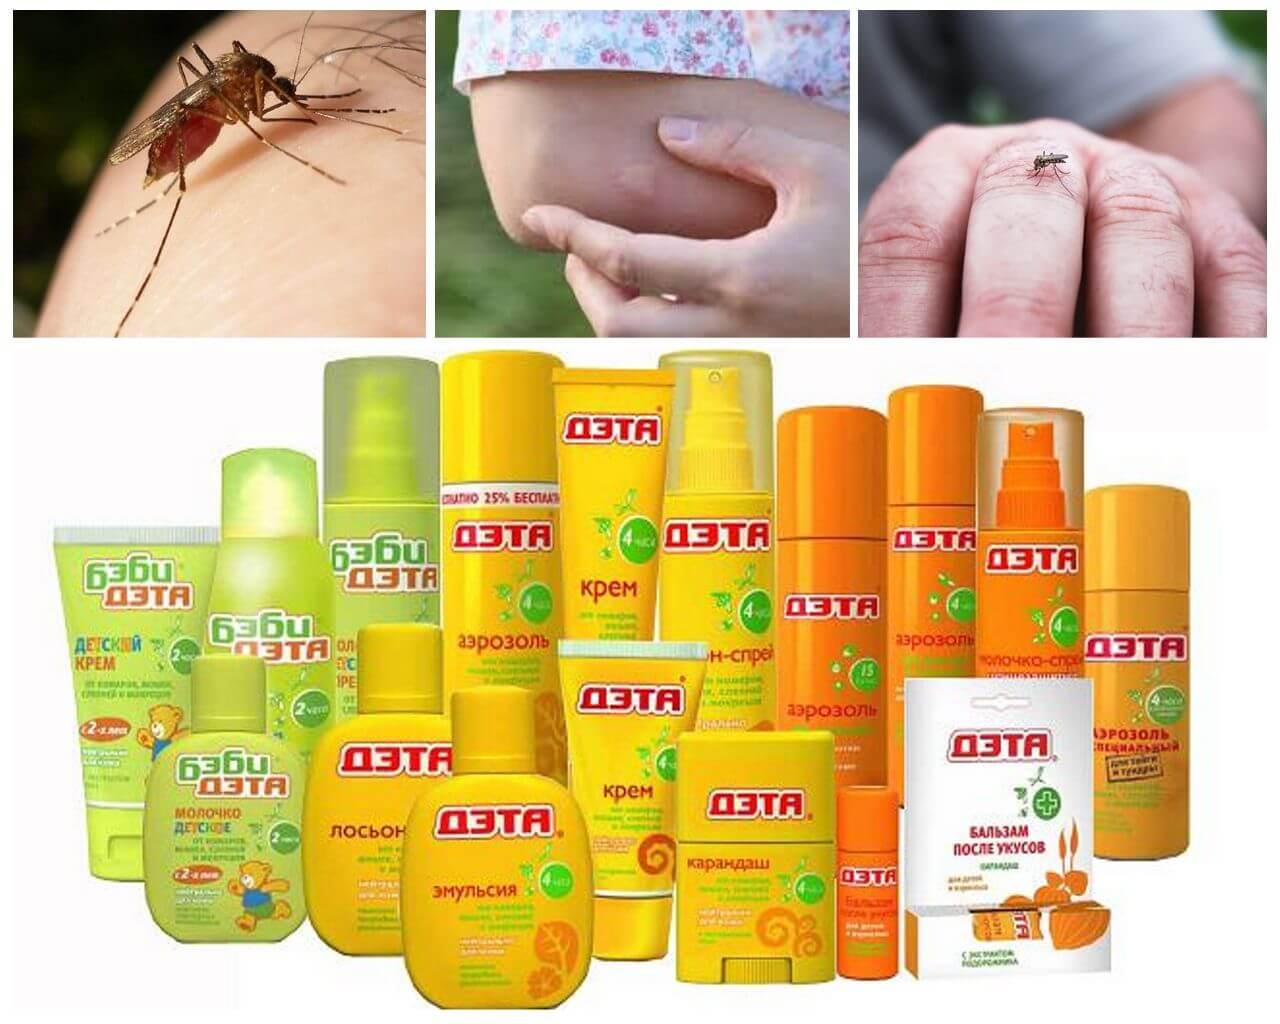 Дэта от комаров